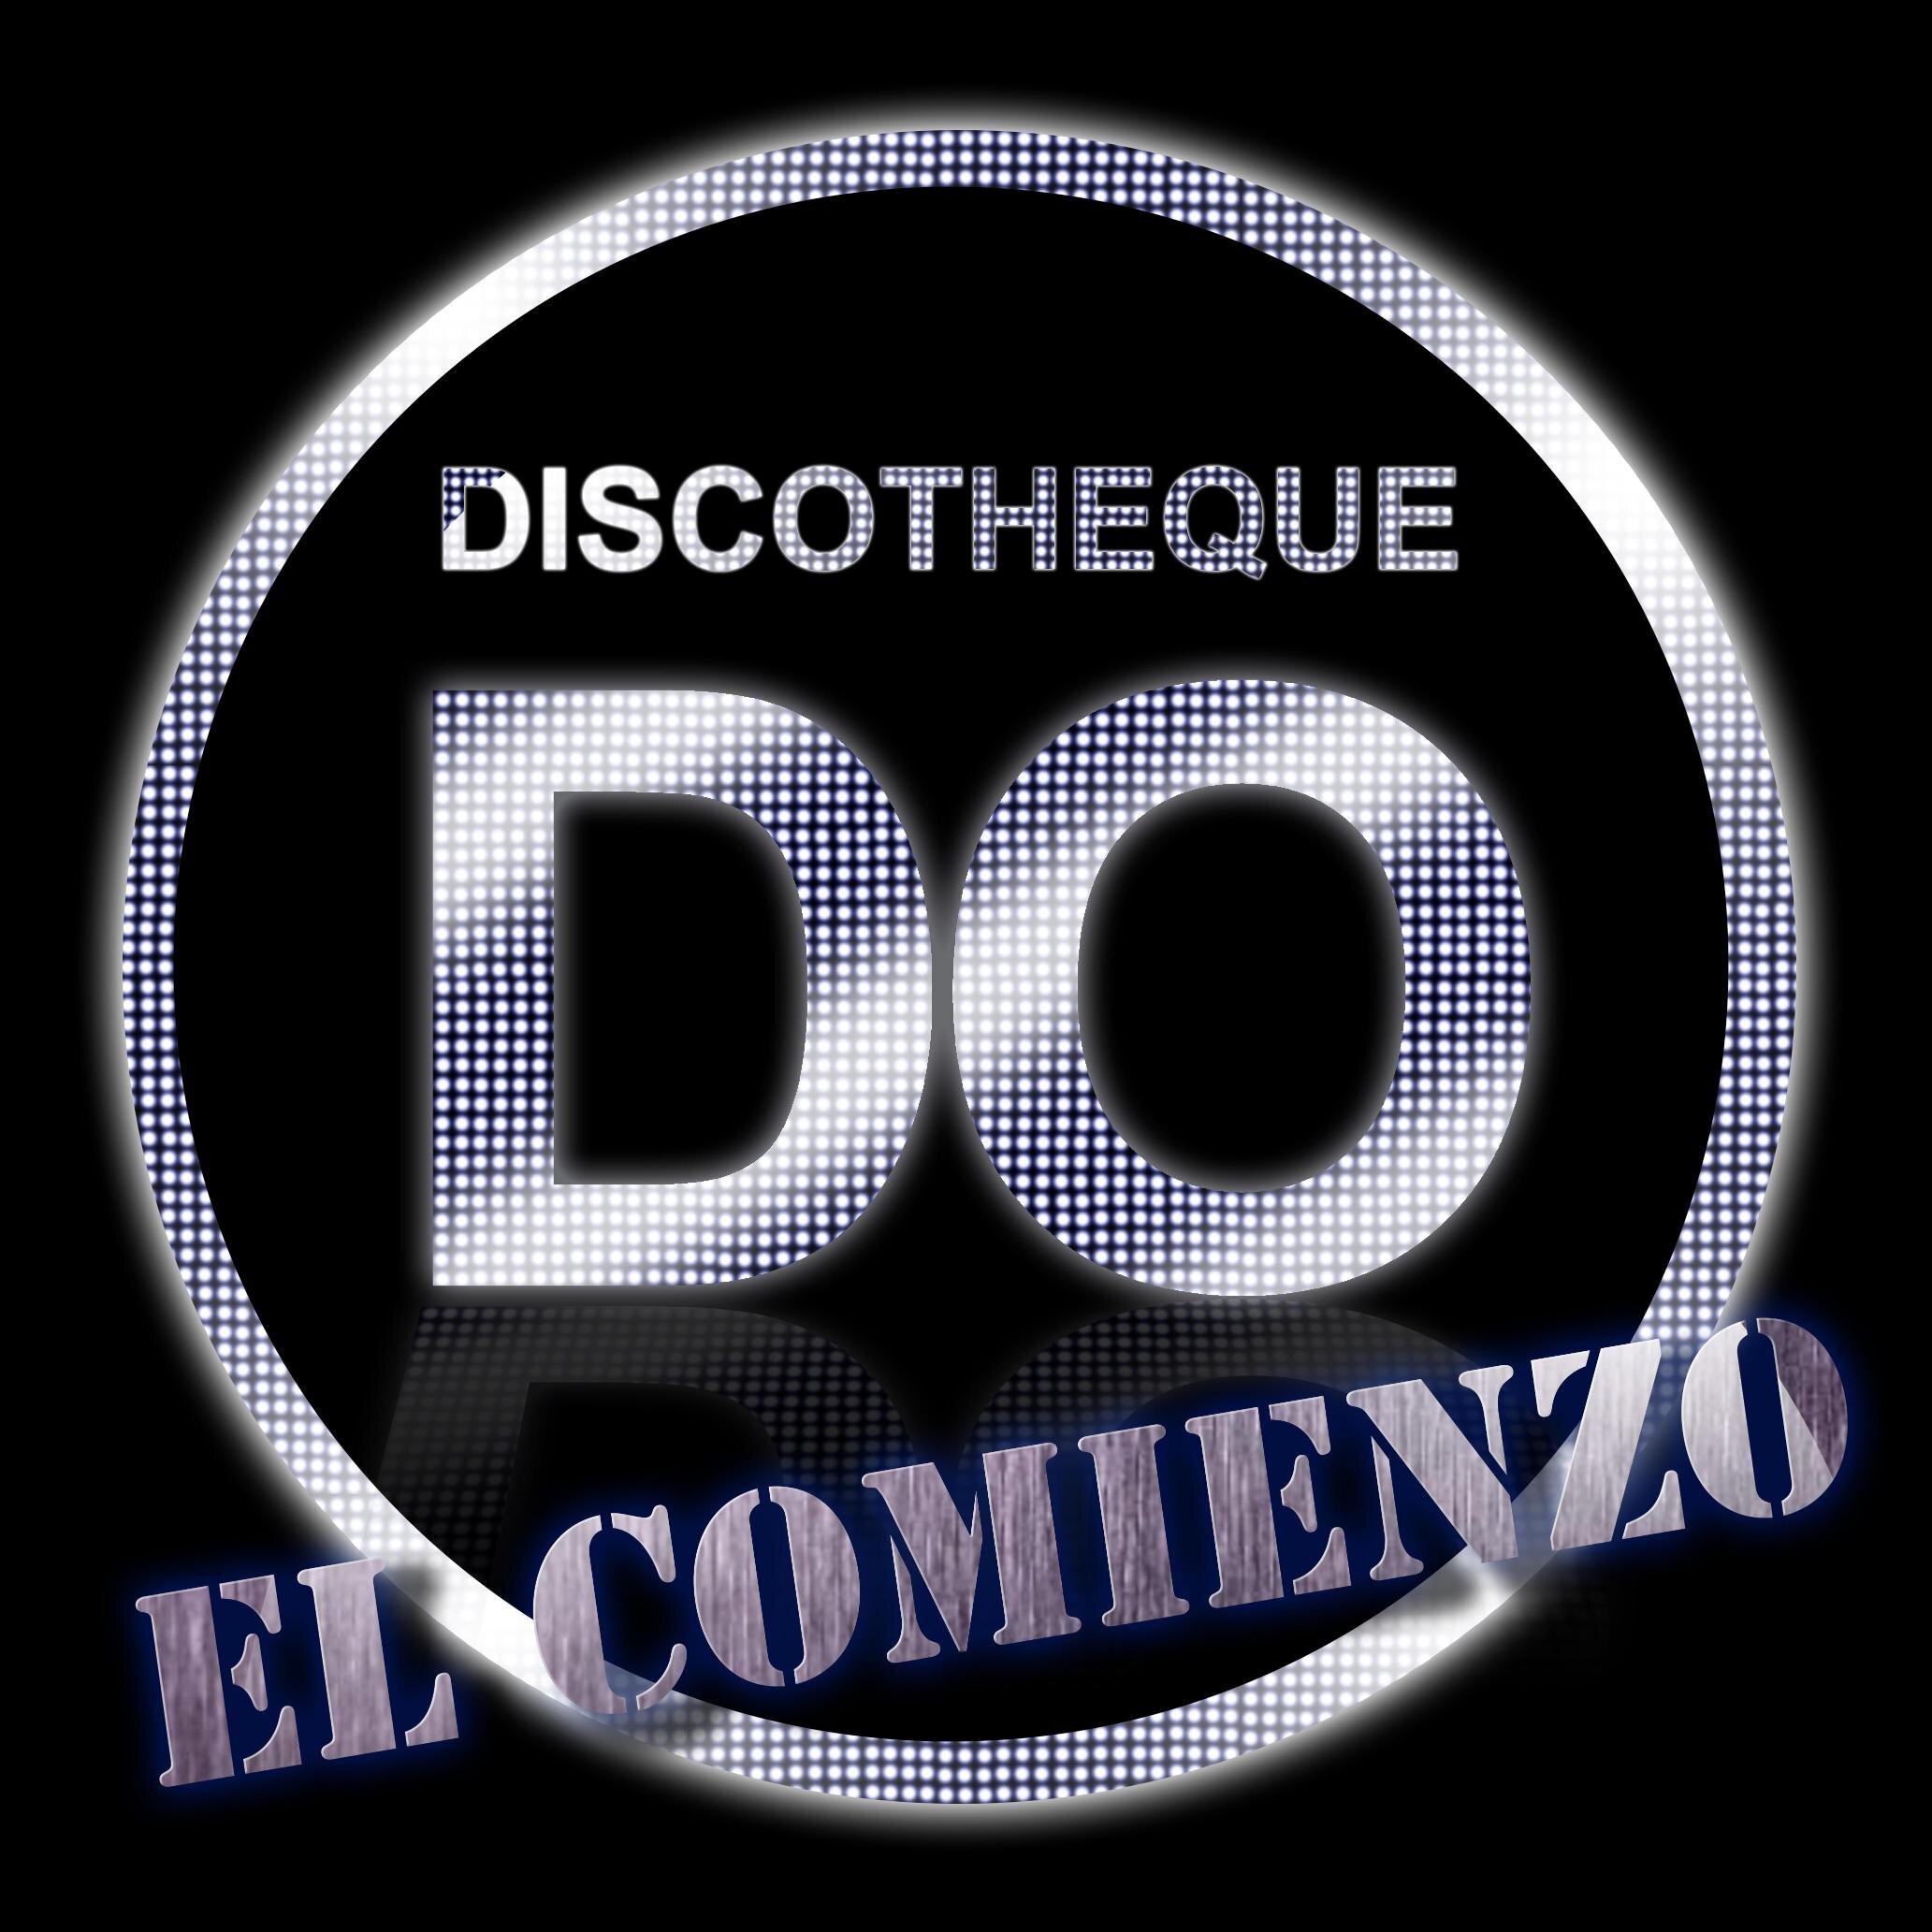 DO El Comienzo (@DiscothequeDO) | Twitter